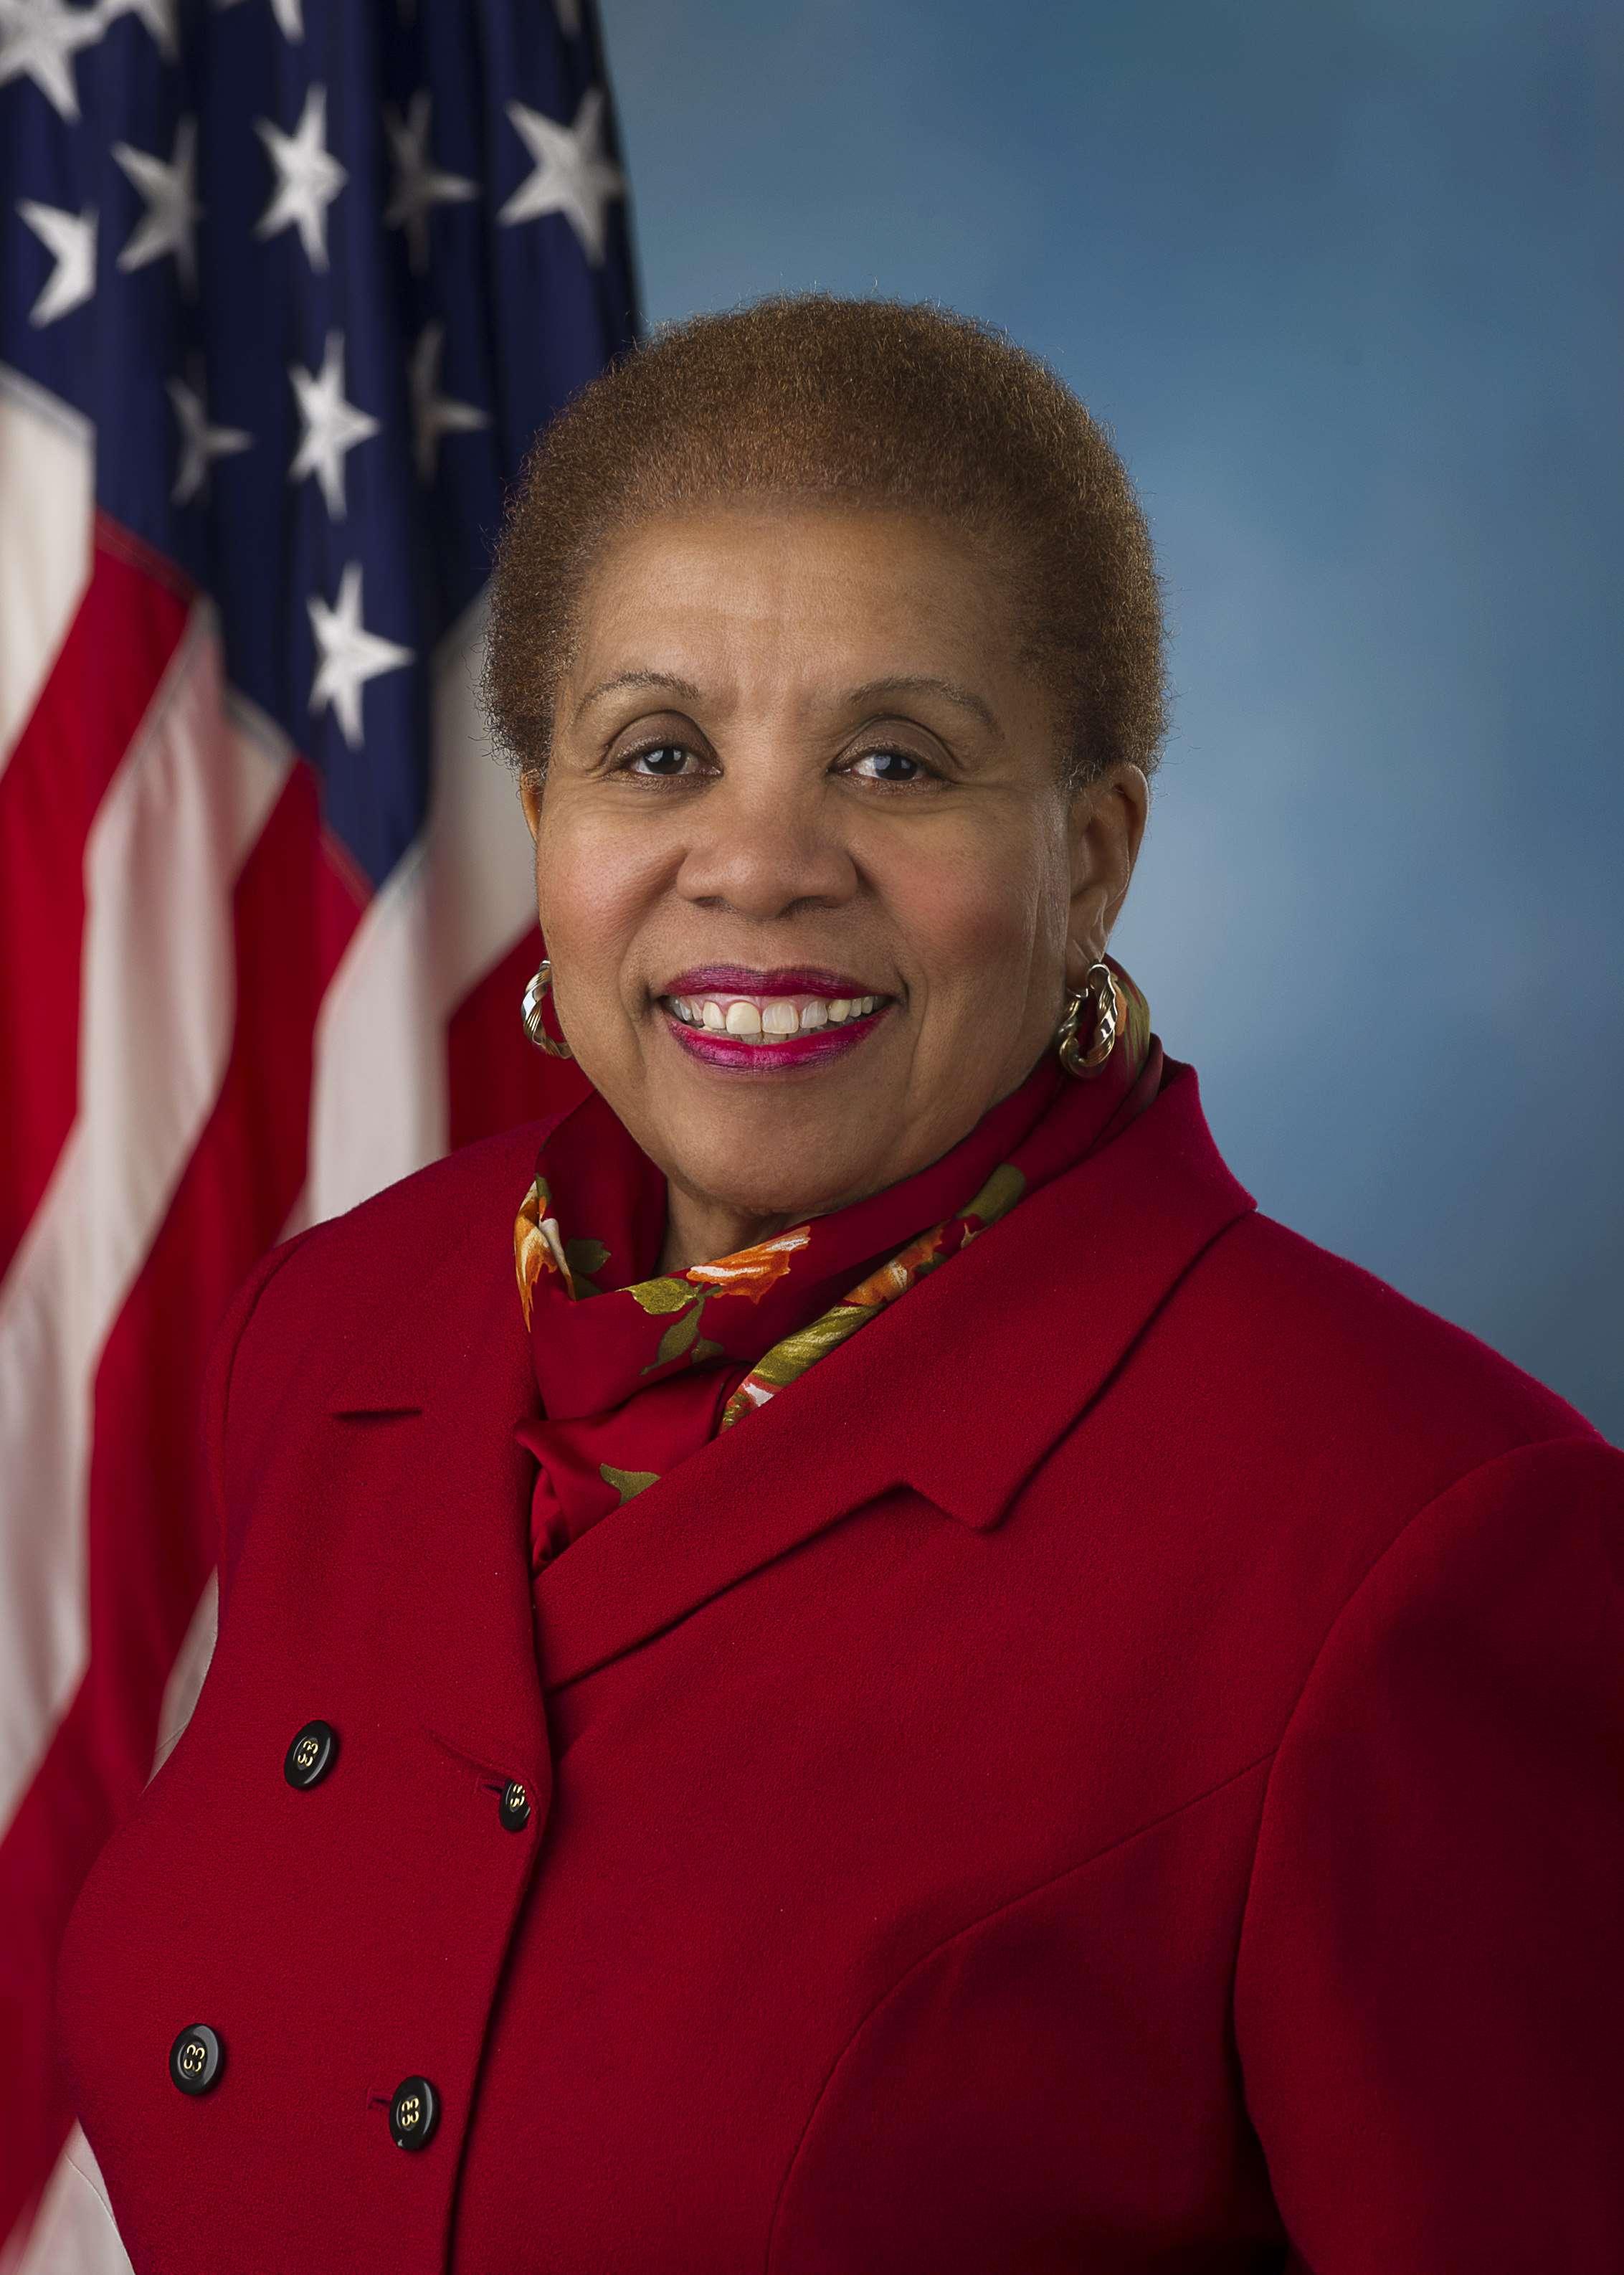 Carolyn W. Colvin